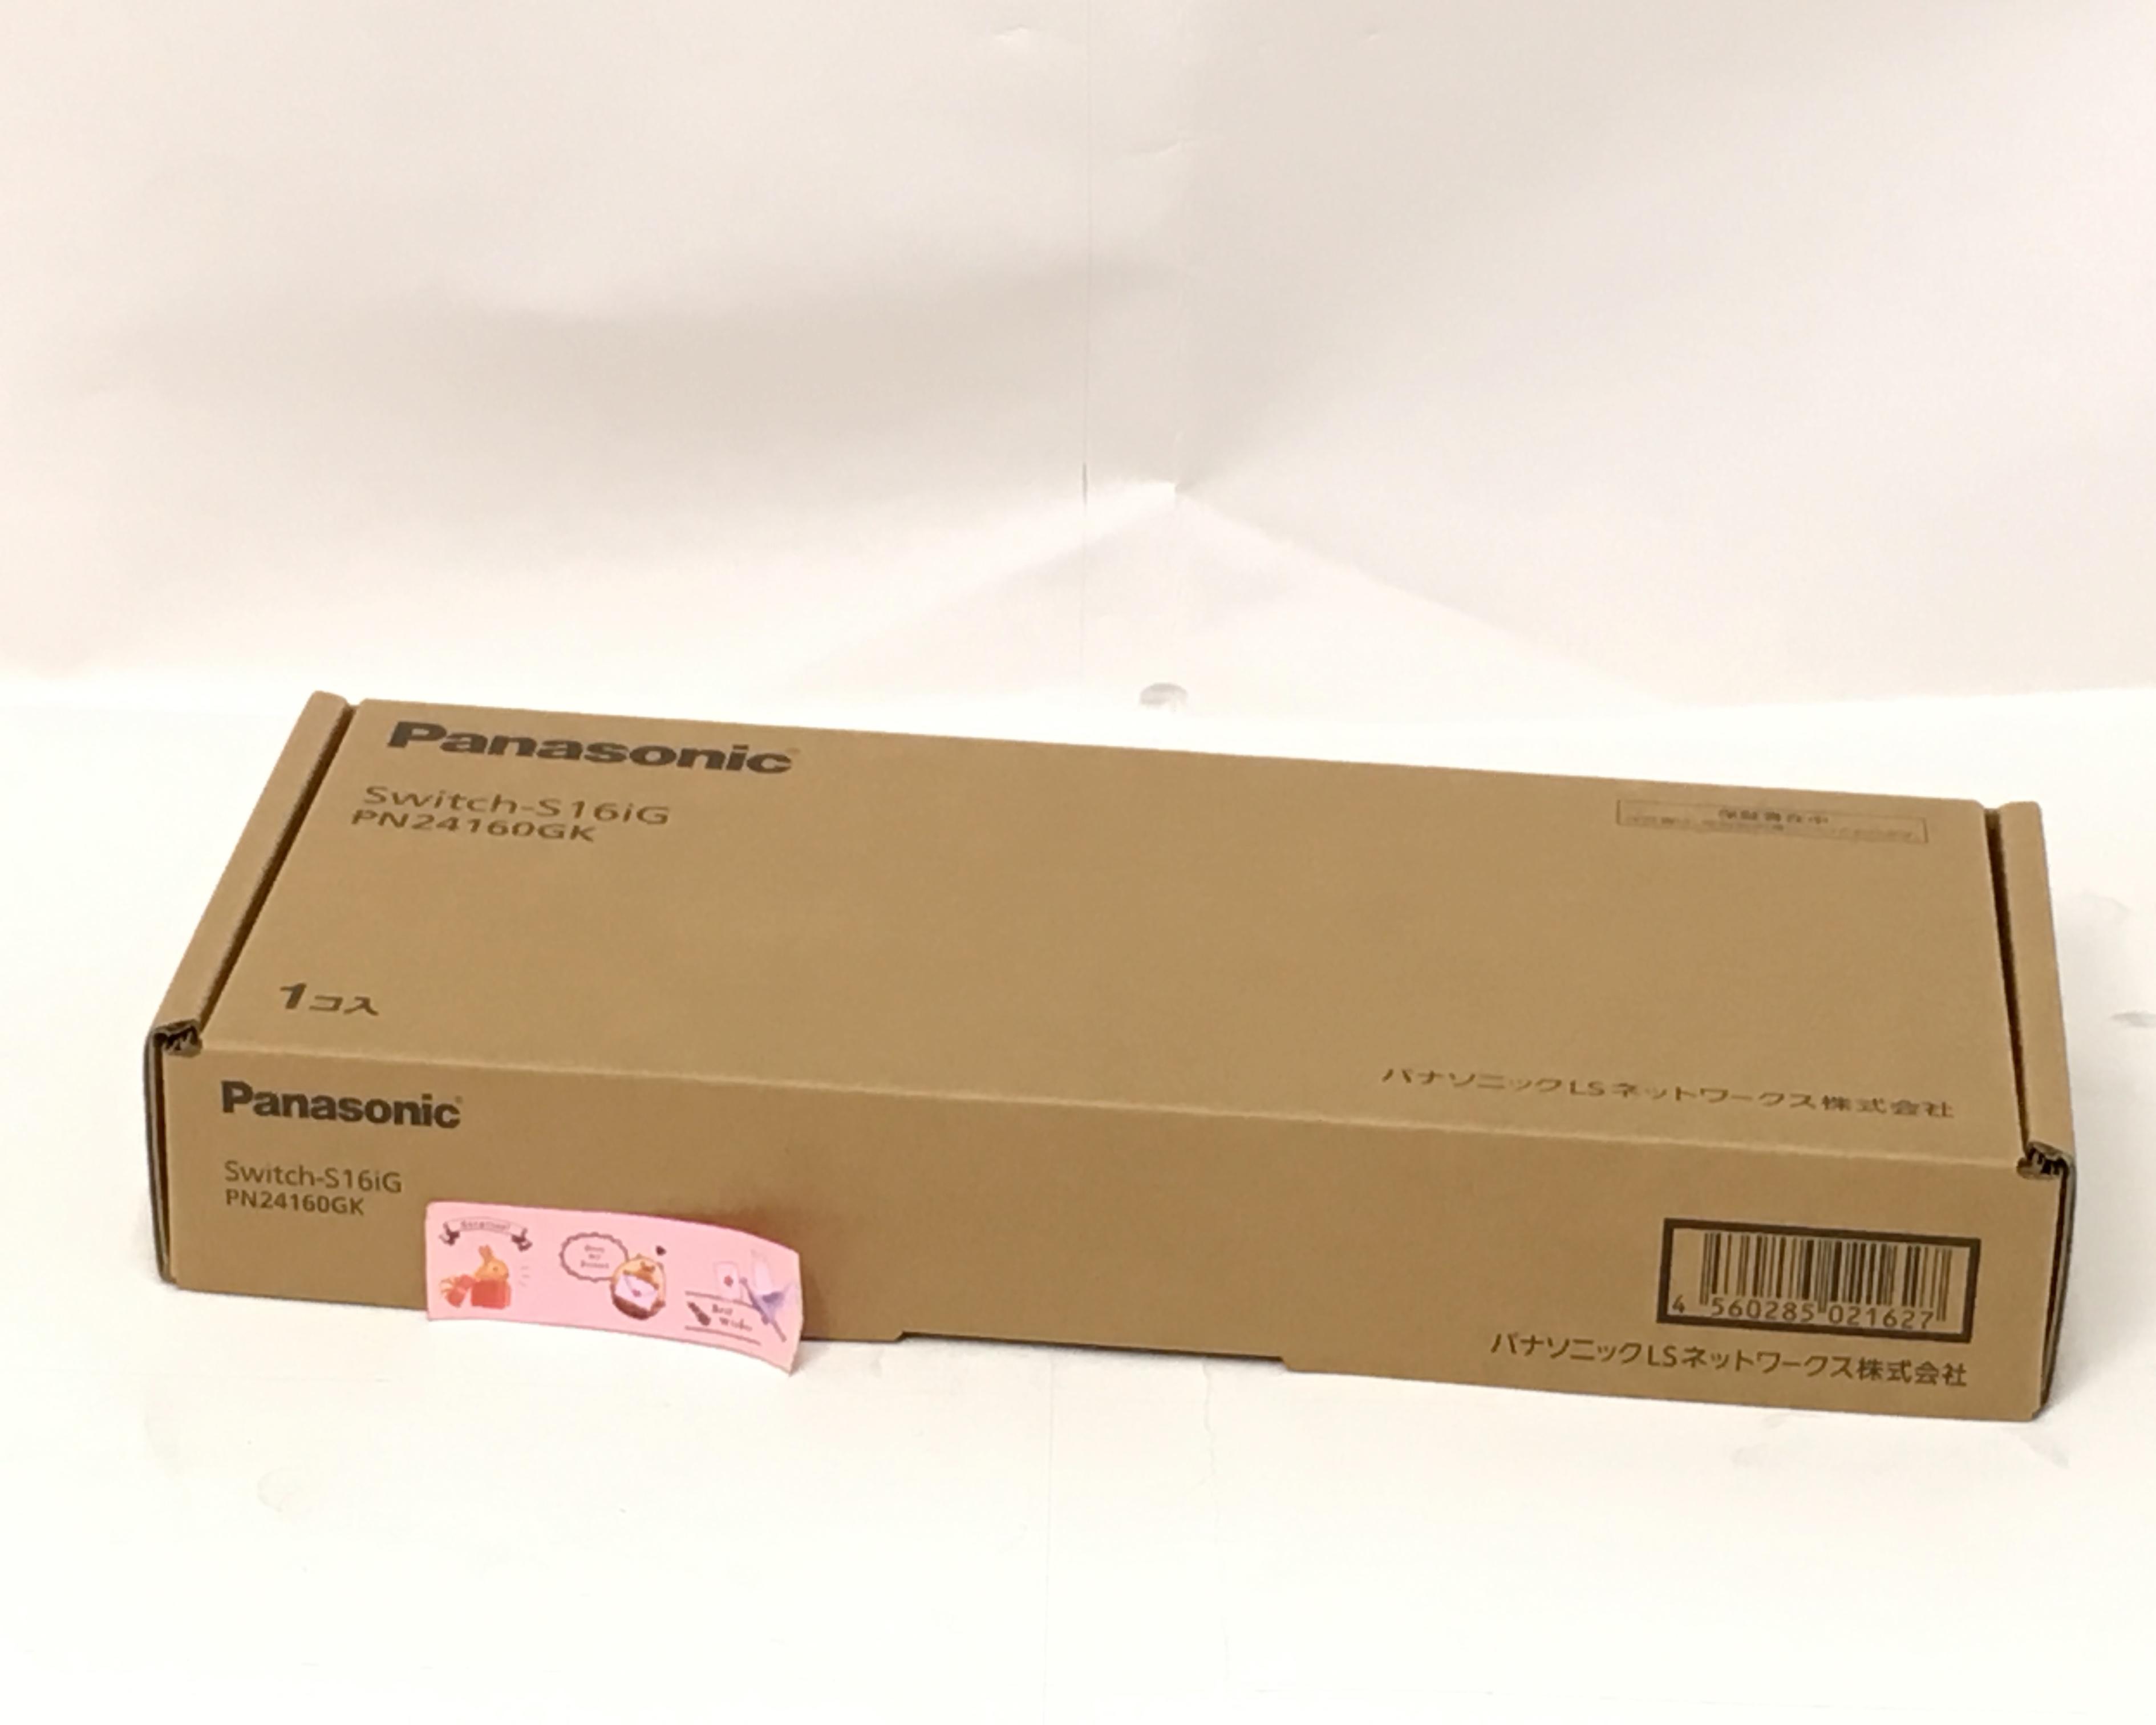 【新品】パナソニック Switch-S16iG (PN24160GK) メイン画像